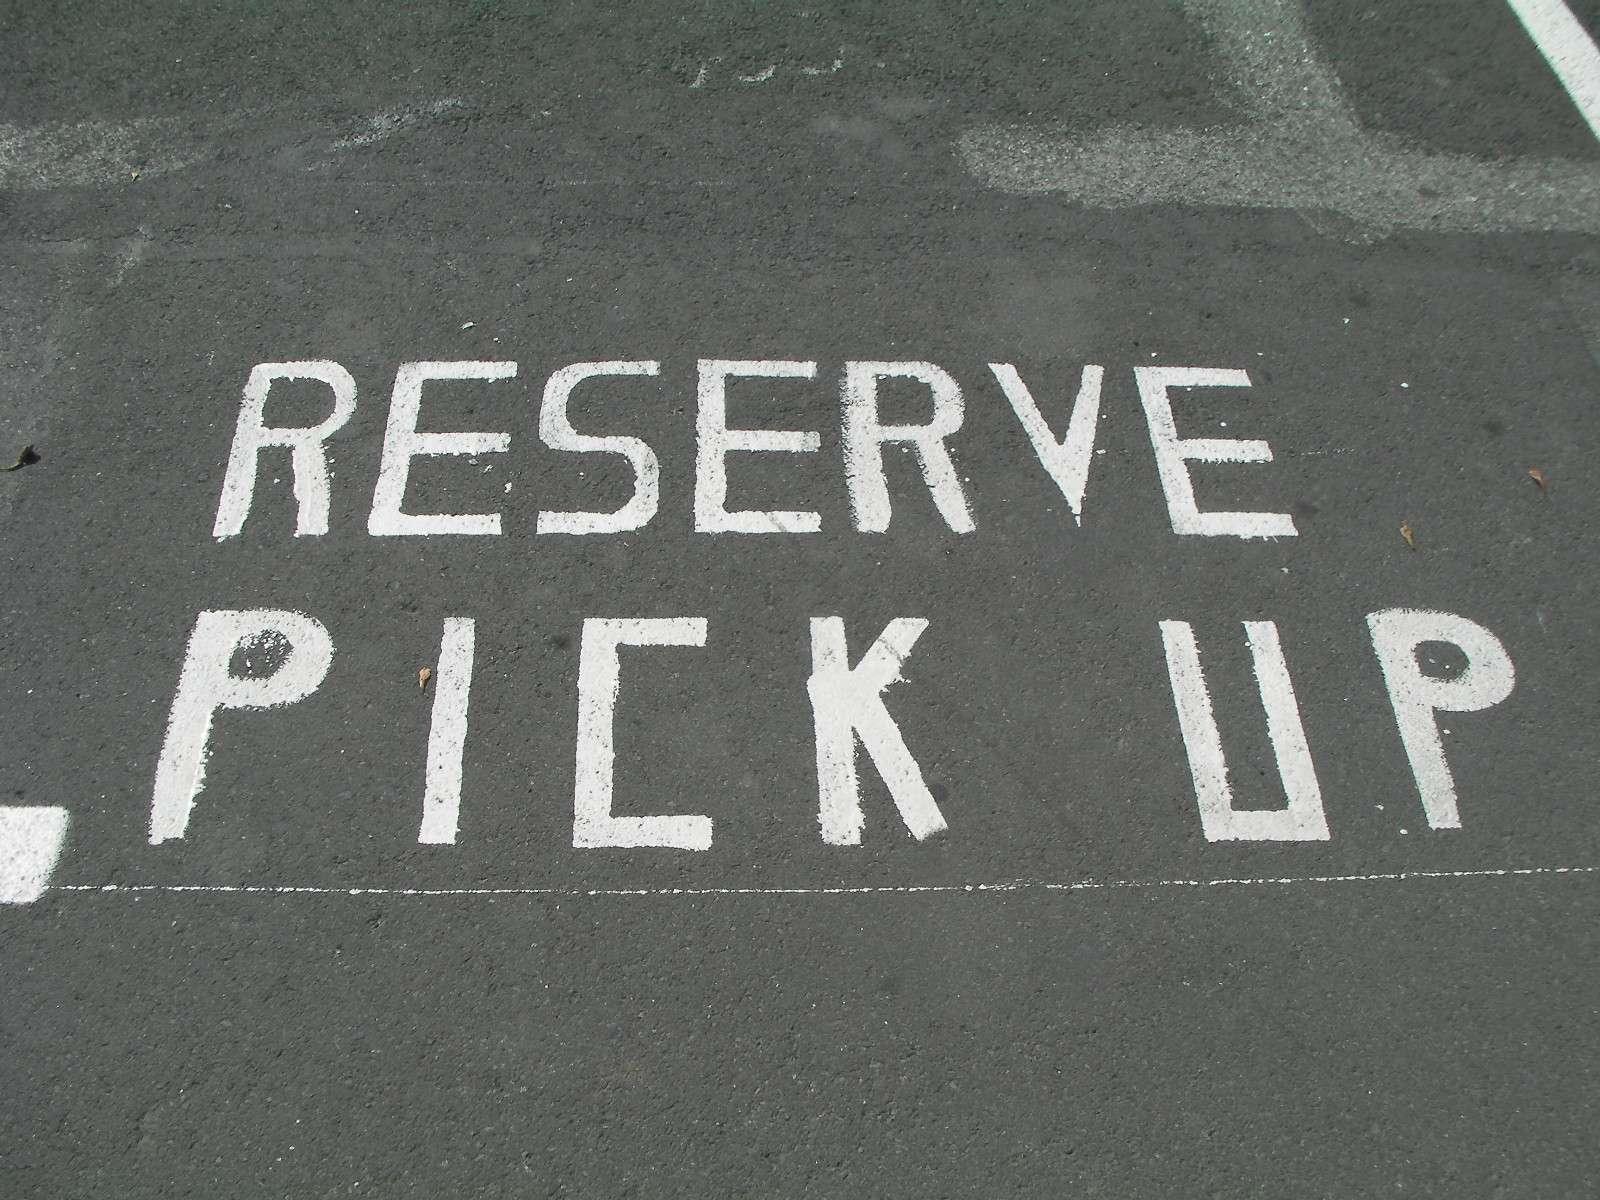 La location parking pour une vie meilleure